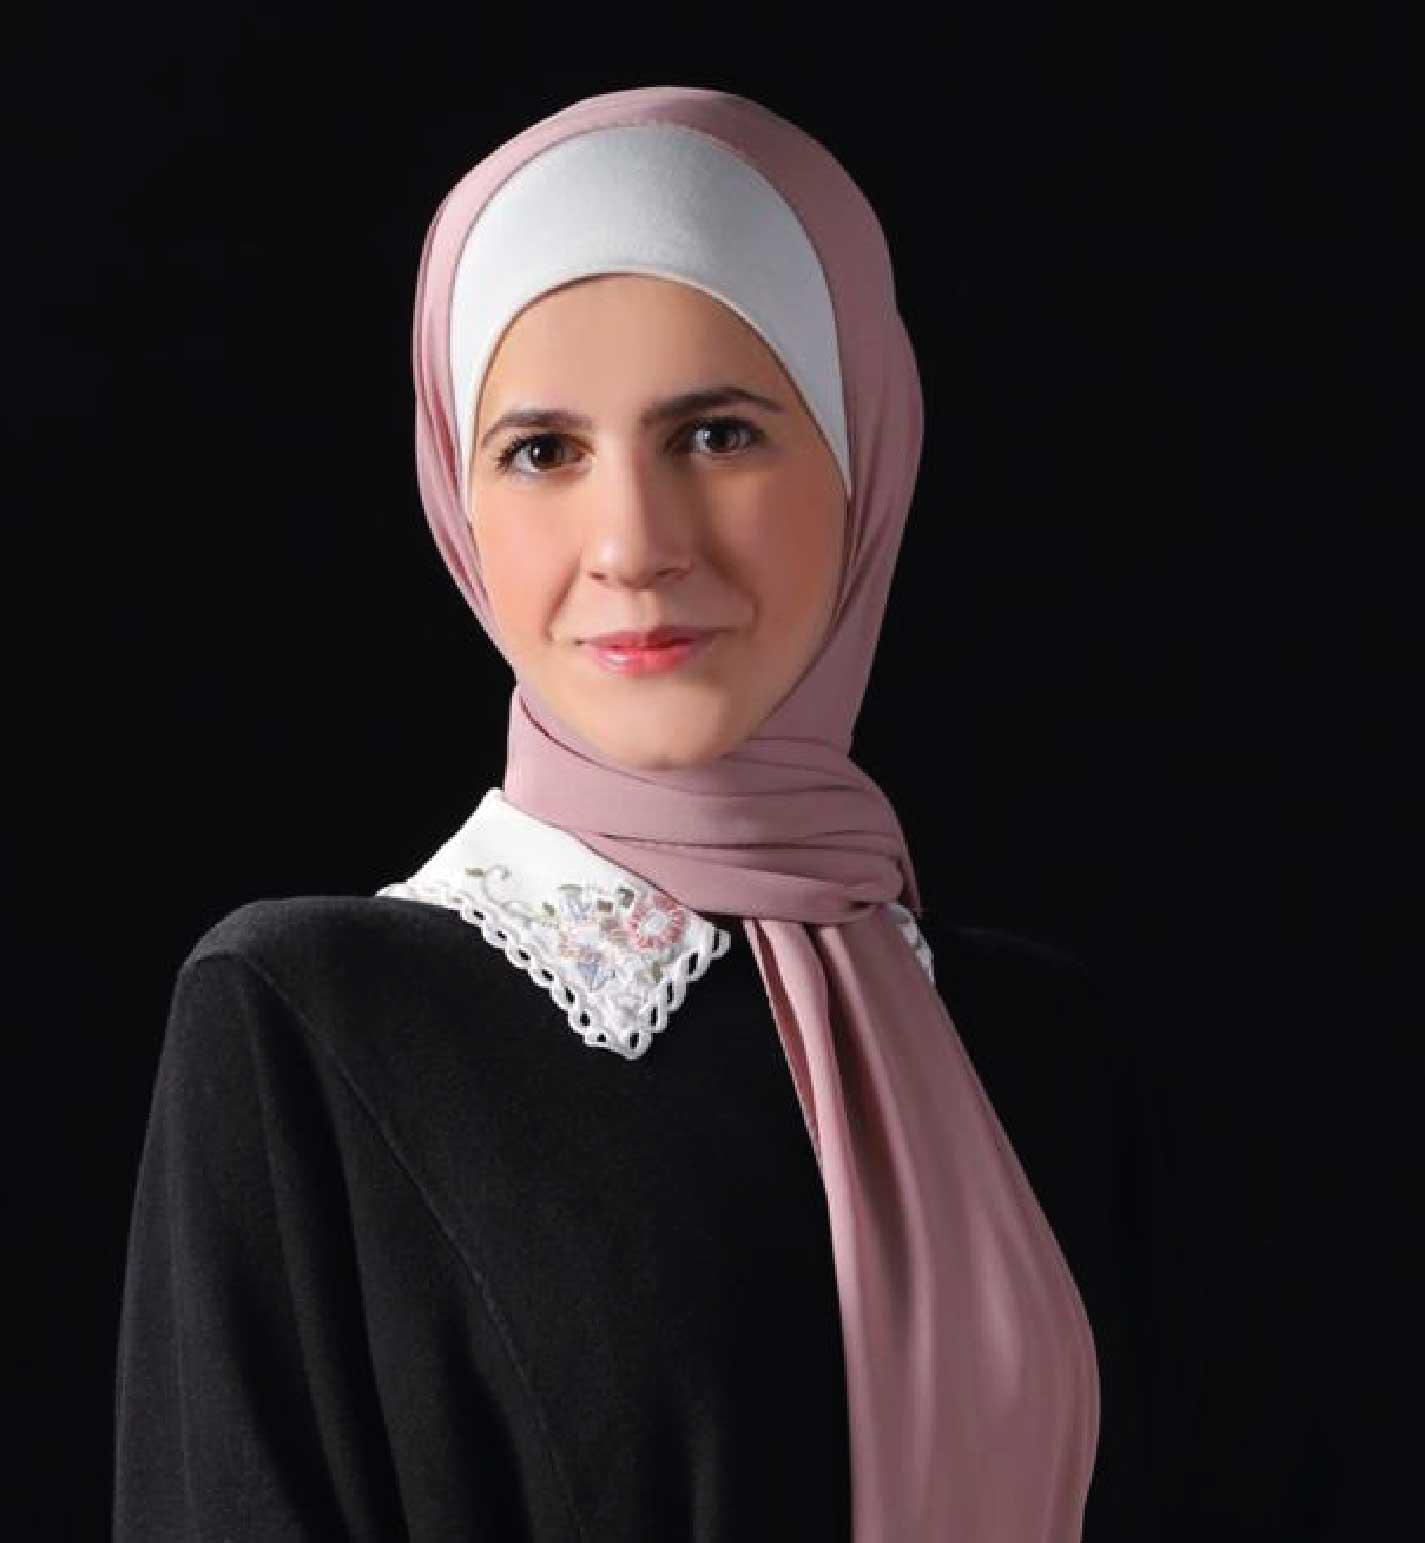 Eng. Dimah Alayan